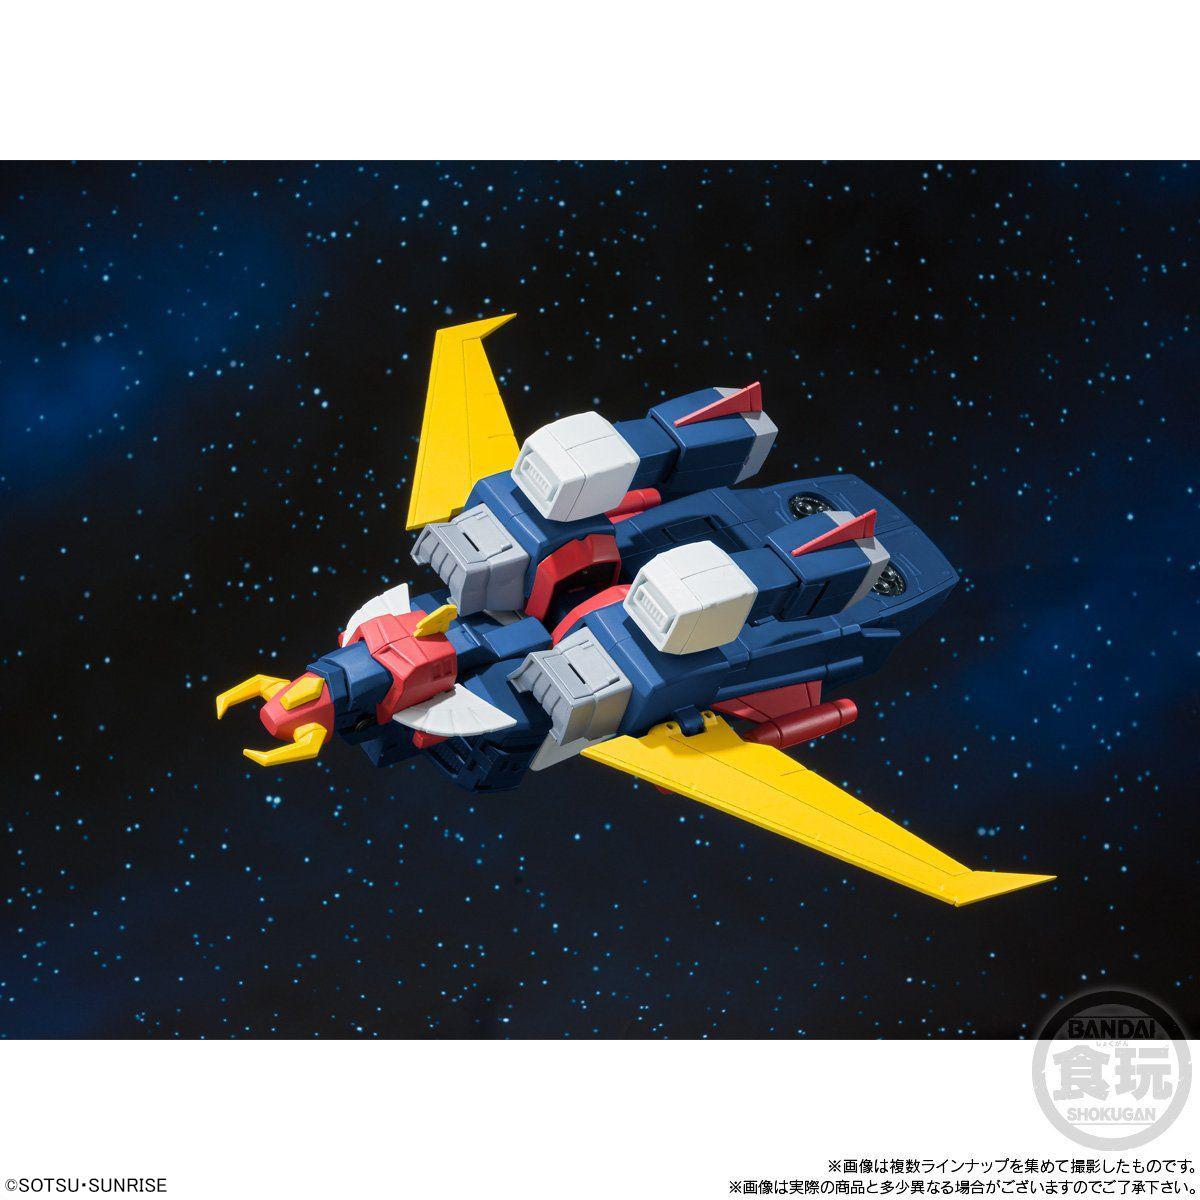 SUPER MINI PLASTIC MODEL INVINCIBLE ROBO TRIDER G7 W/O GUM